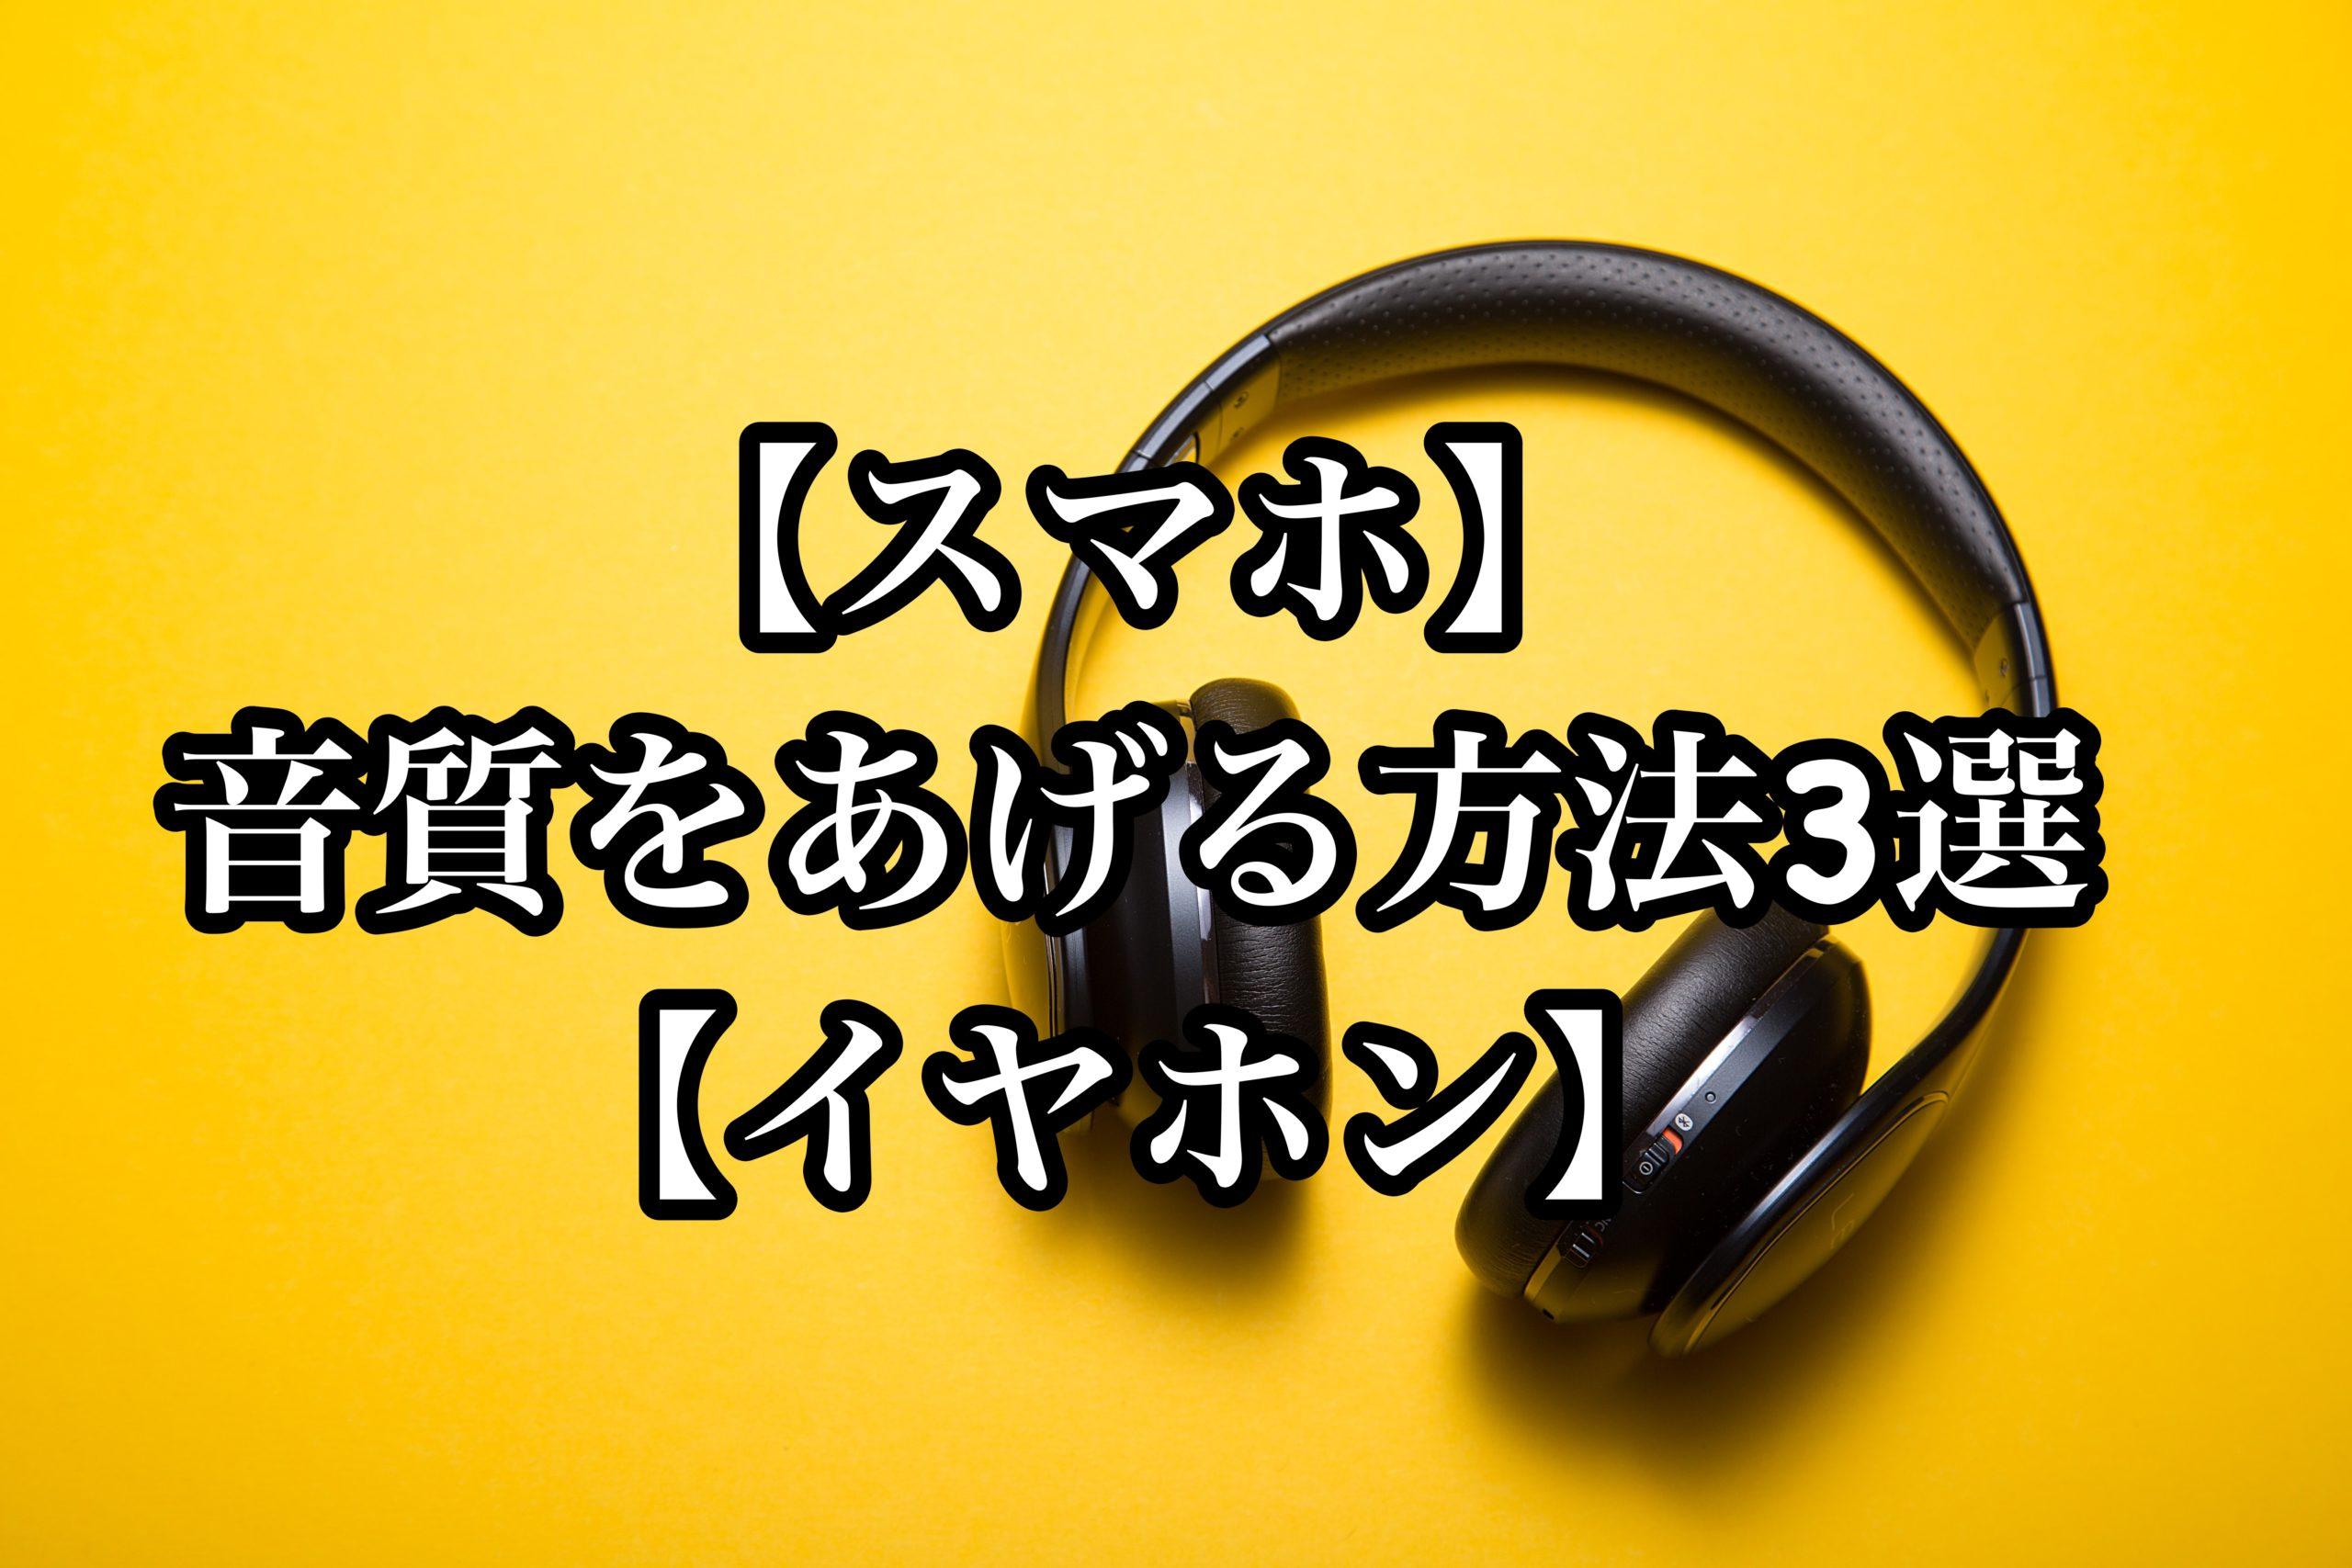 音質をあげる方法3選